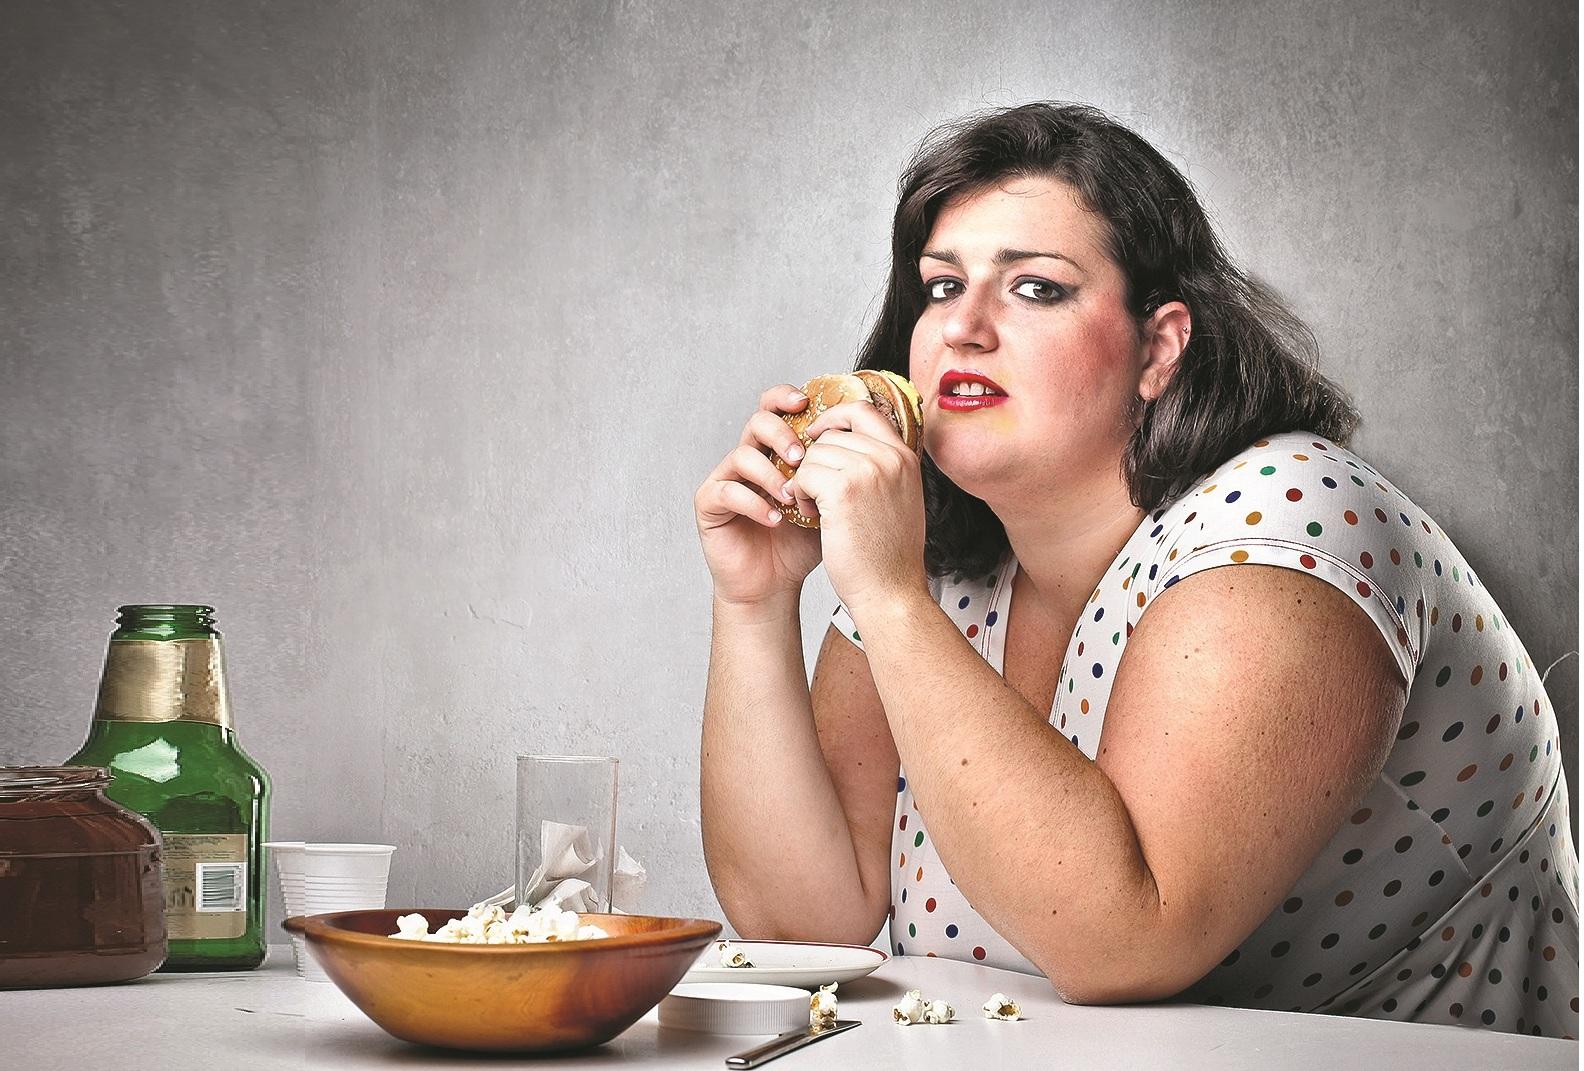 Фото молодых и некрасивых толстушек, Голые толстухи фото - толстые девушки 26 фотография